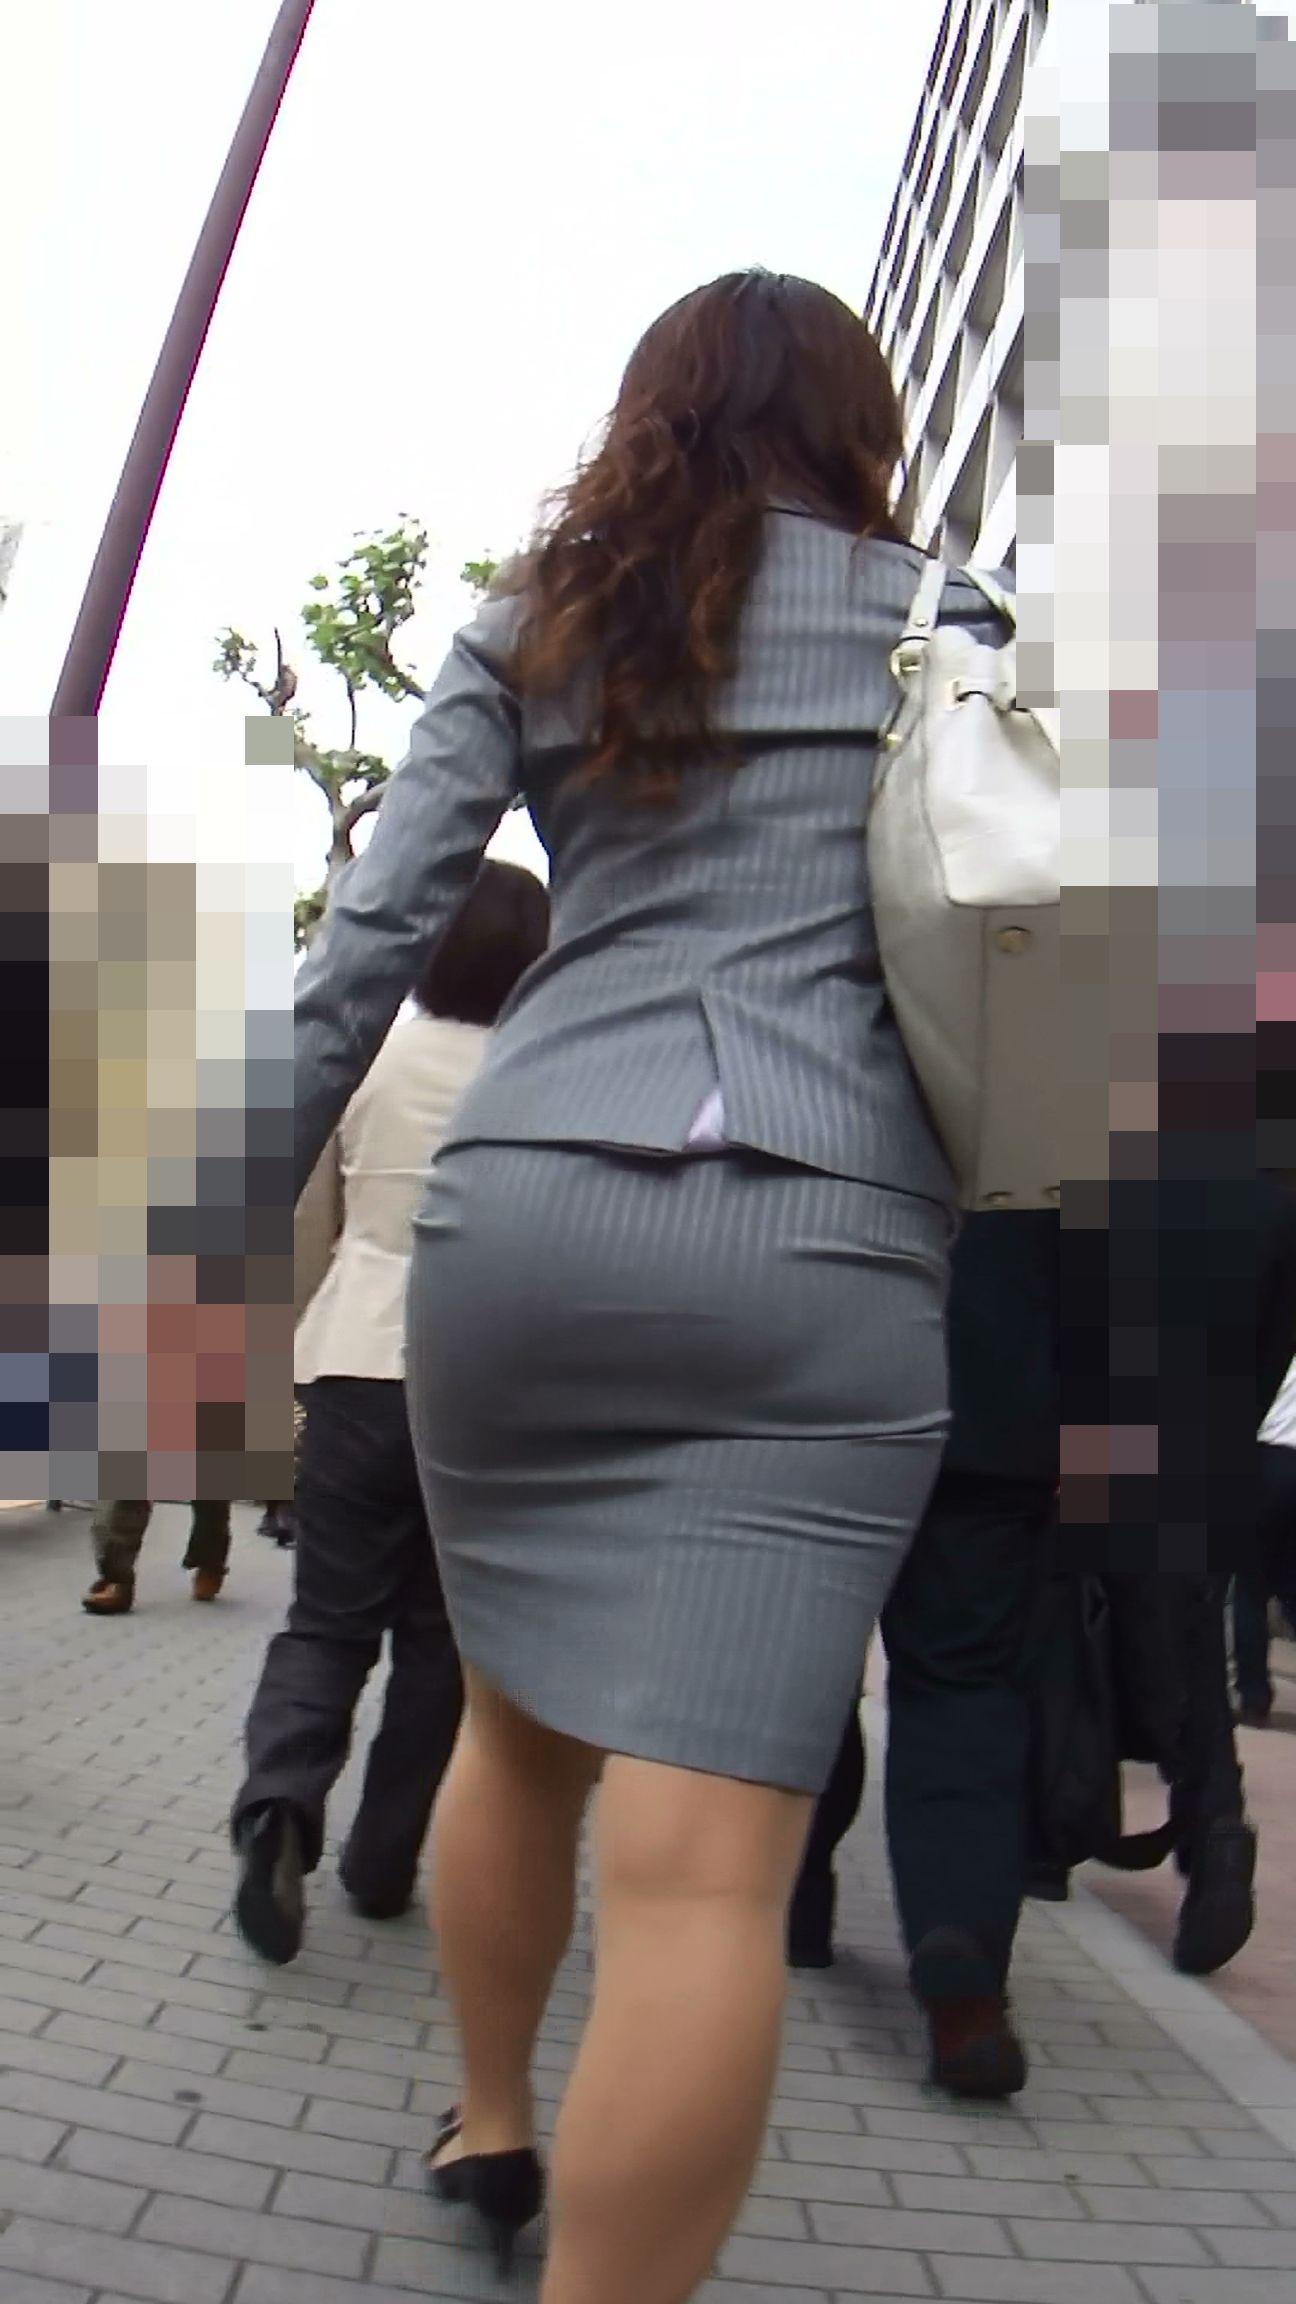 【街撮りOL画像】思わず追跡したwwwタイトスカートに包まれたムチムチ尻 03